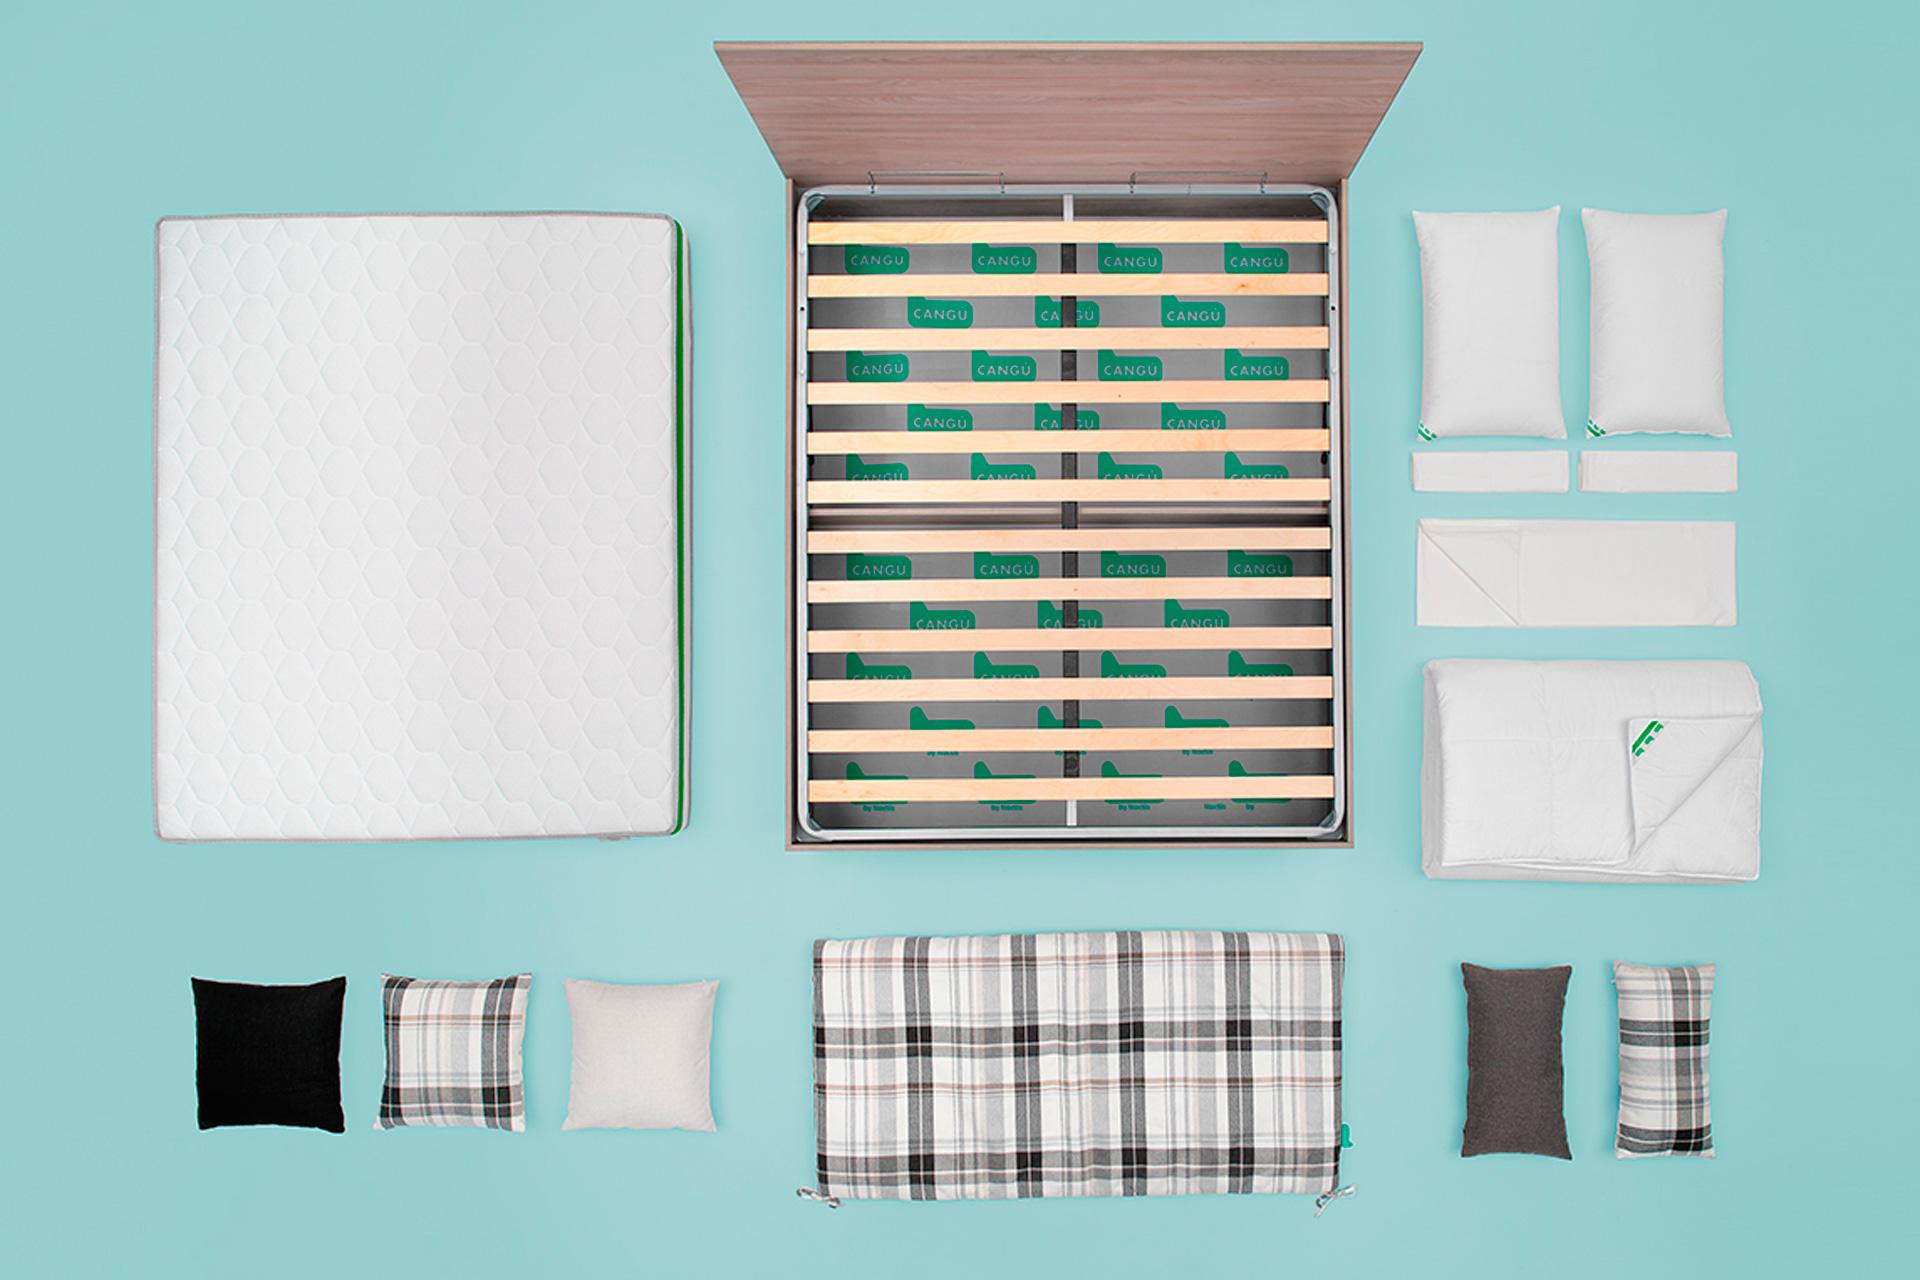 Set completo composto da letto contenitore materasso rete e biancheria - Letto completo di rete e materasso ...